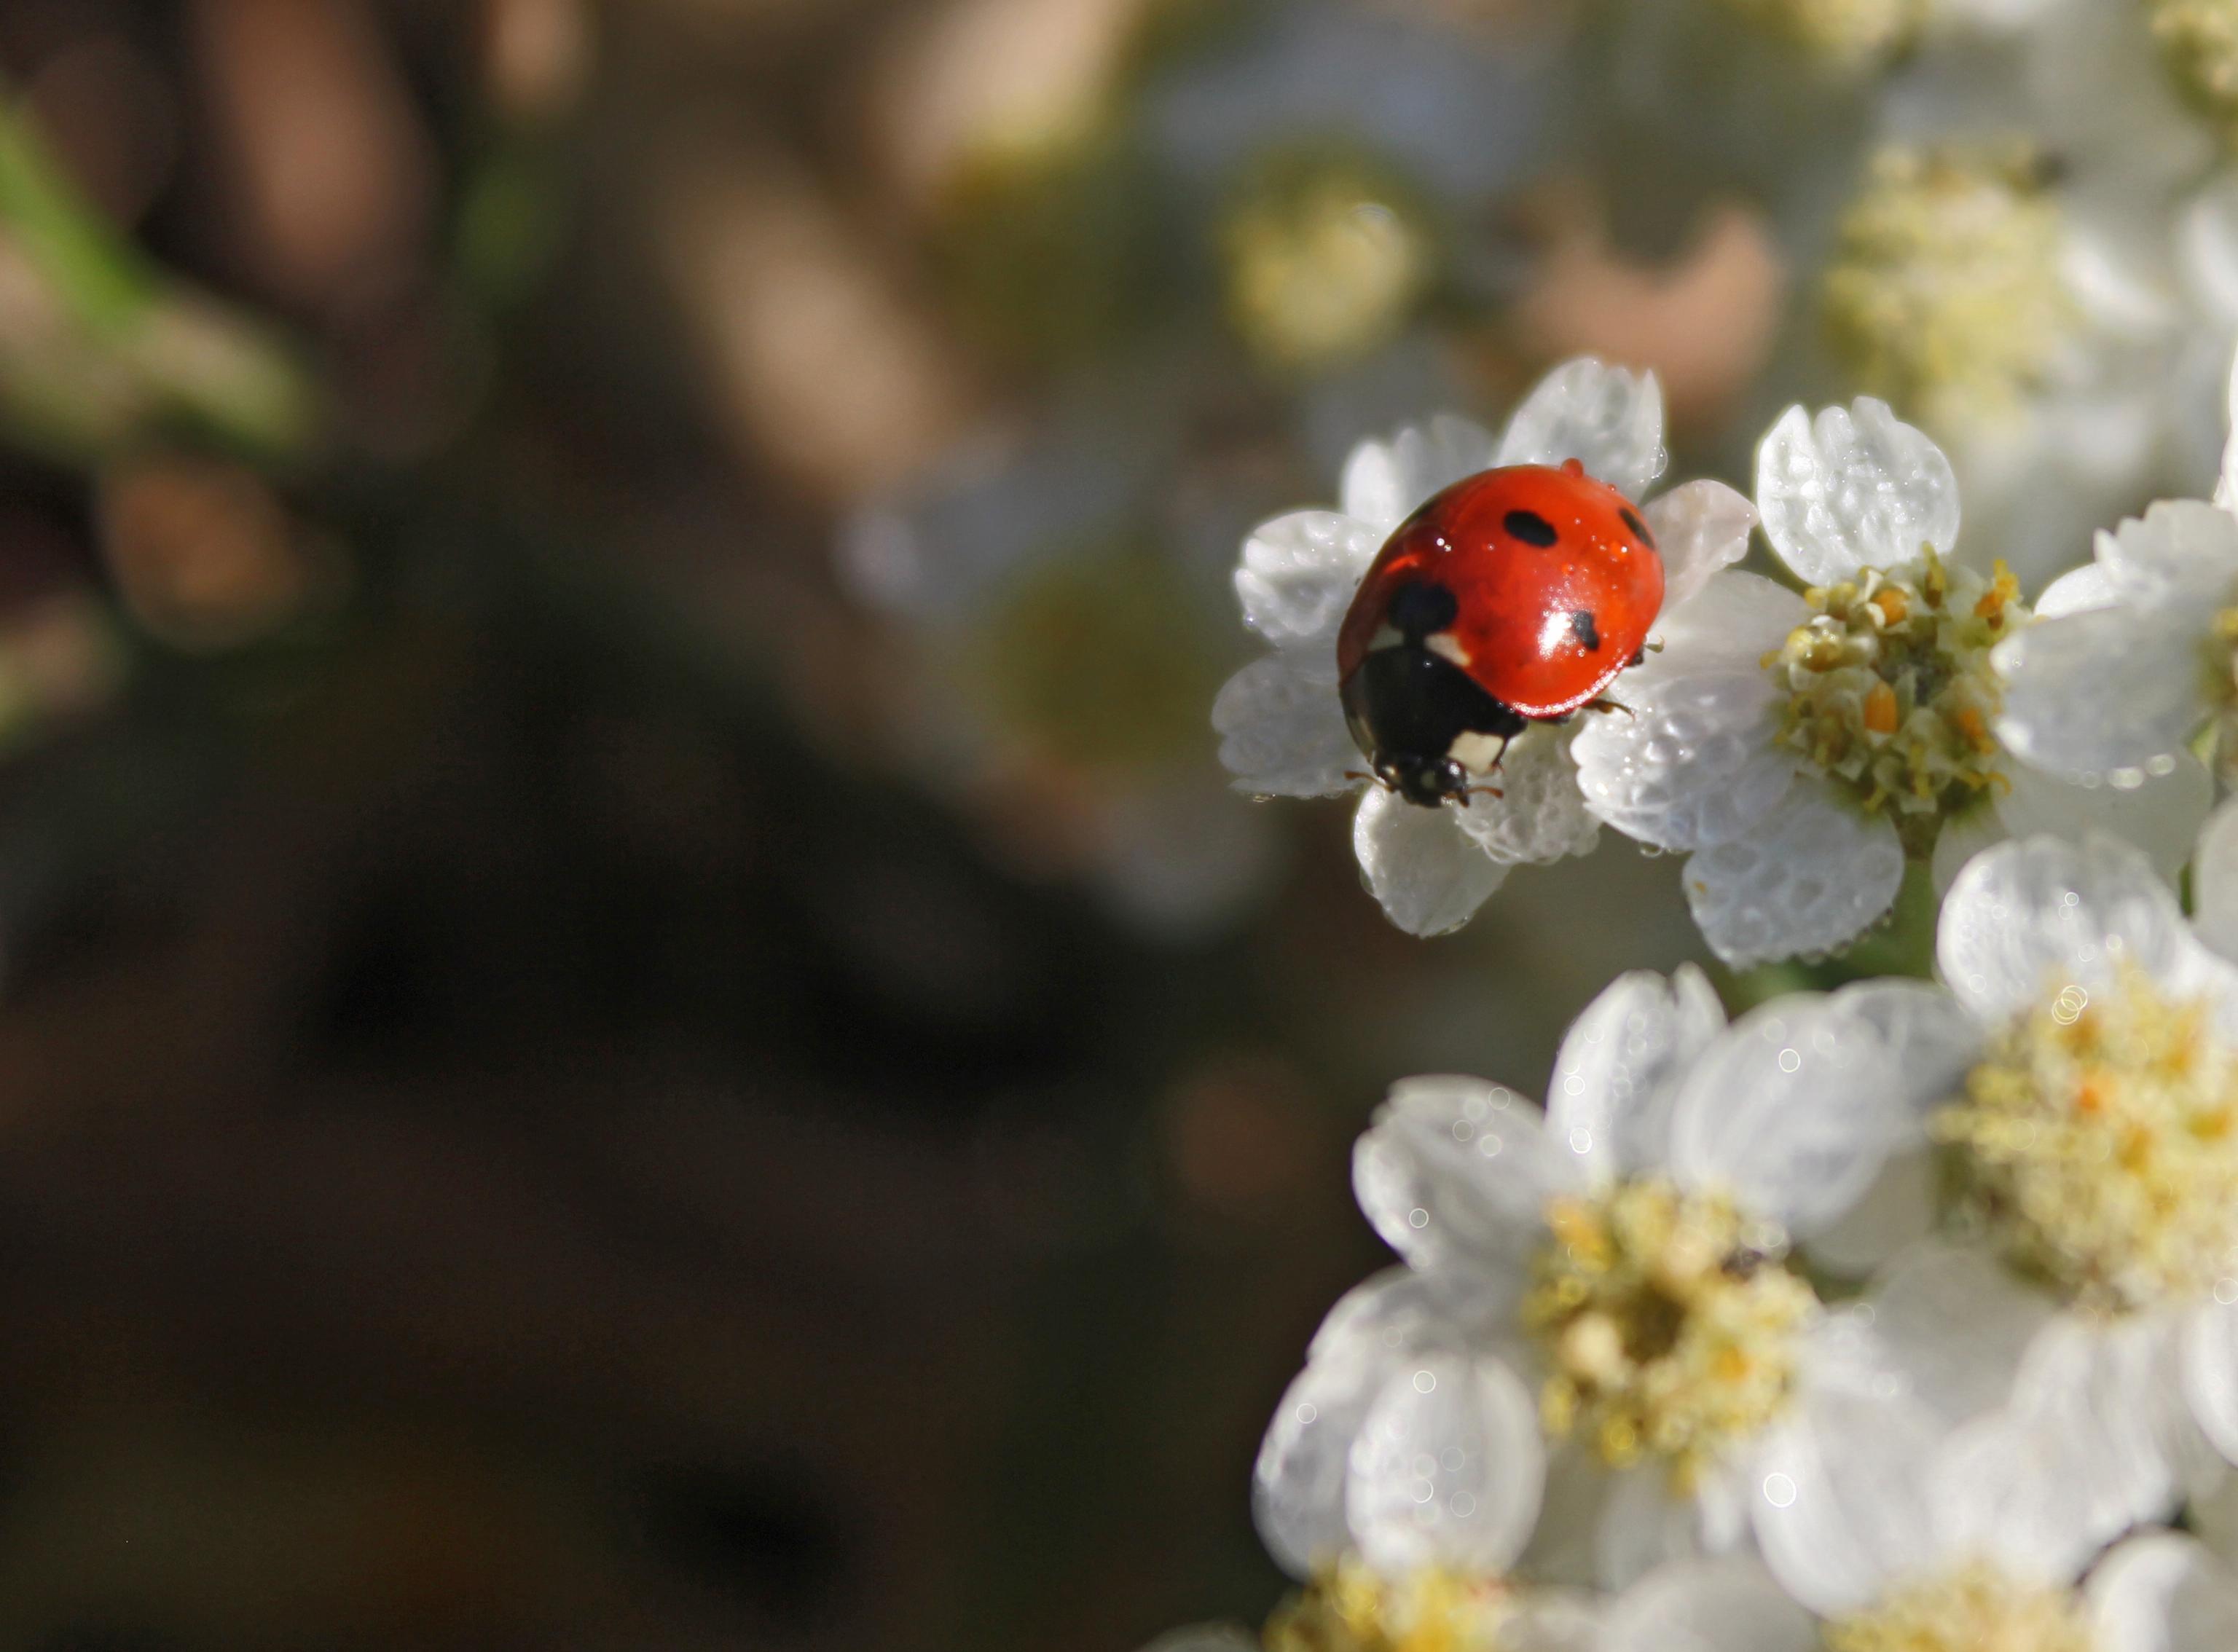 природа насекомое божья коровка цветок  № 3008095 бесплатно